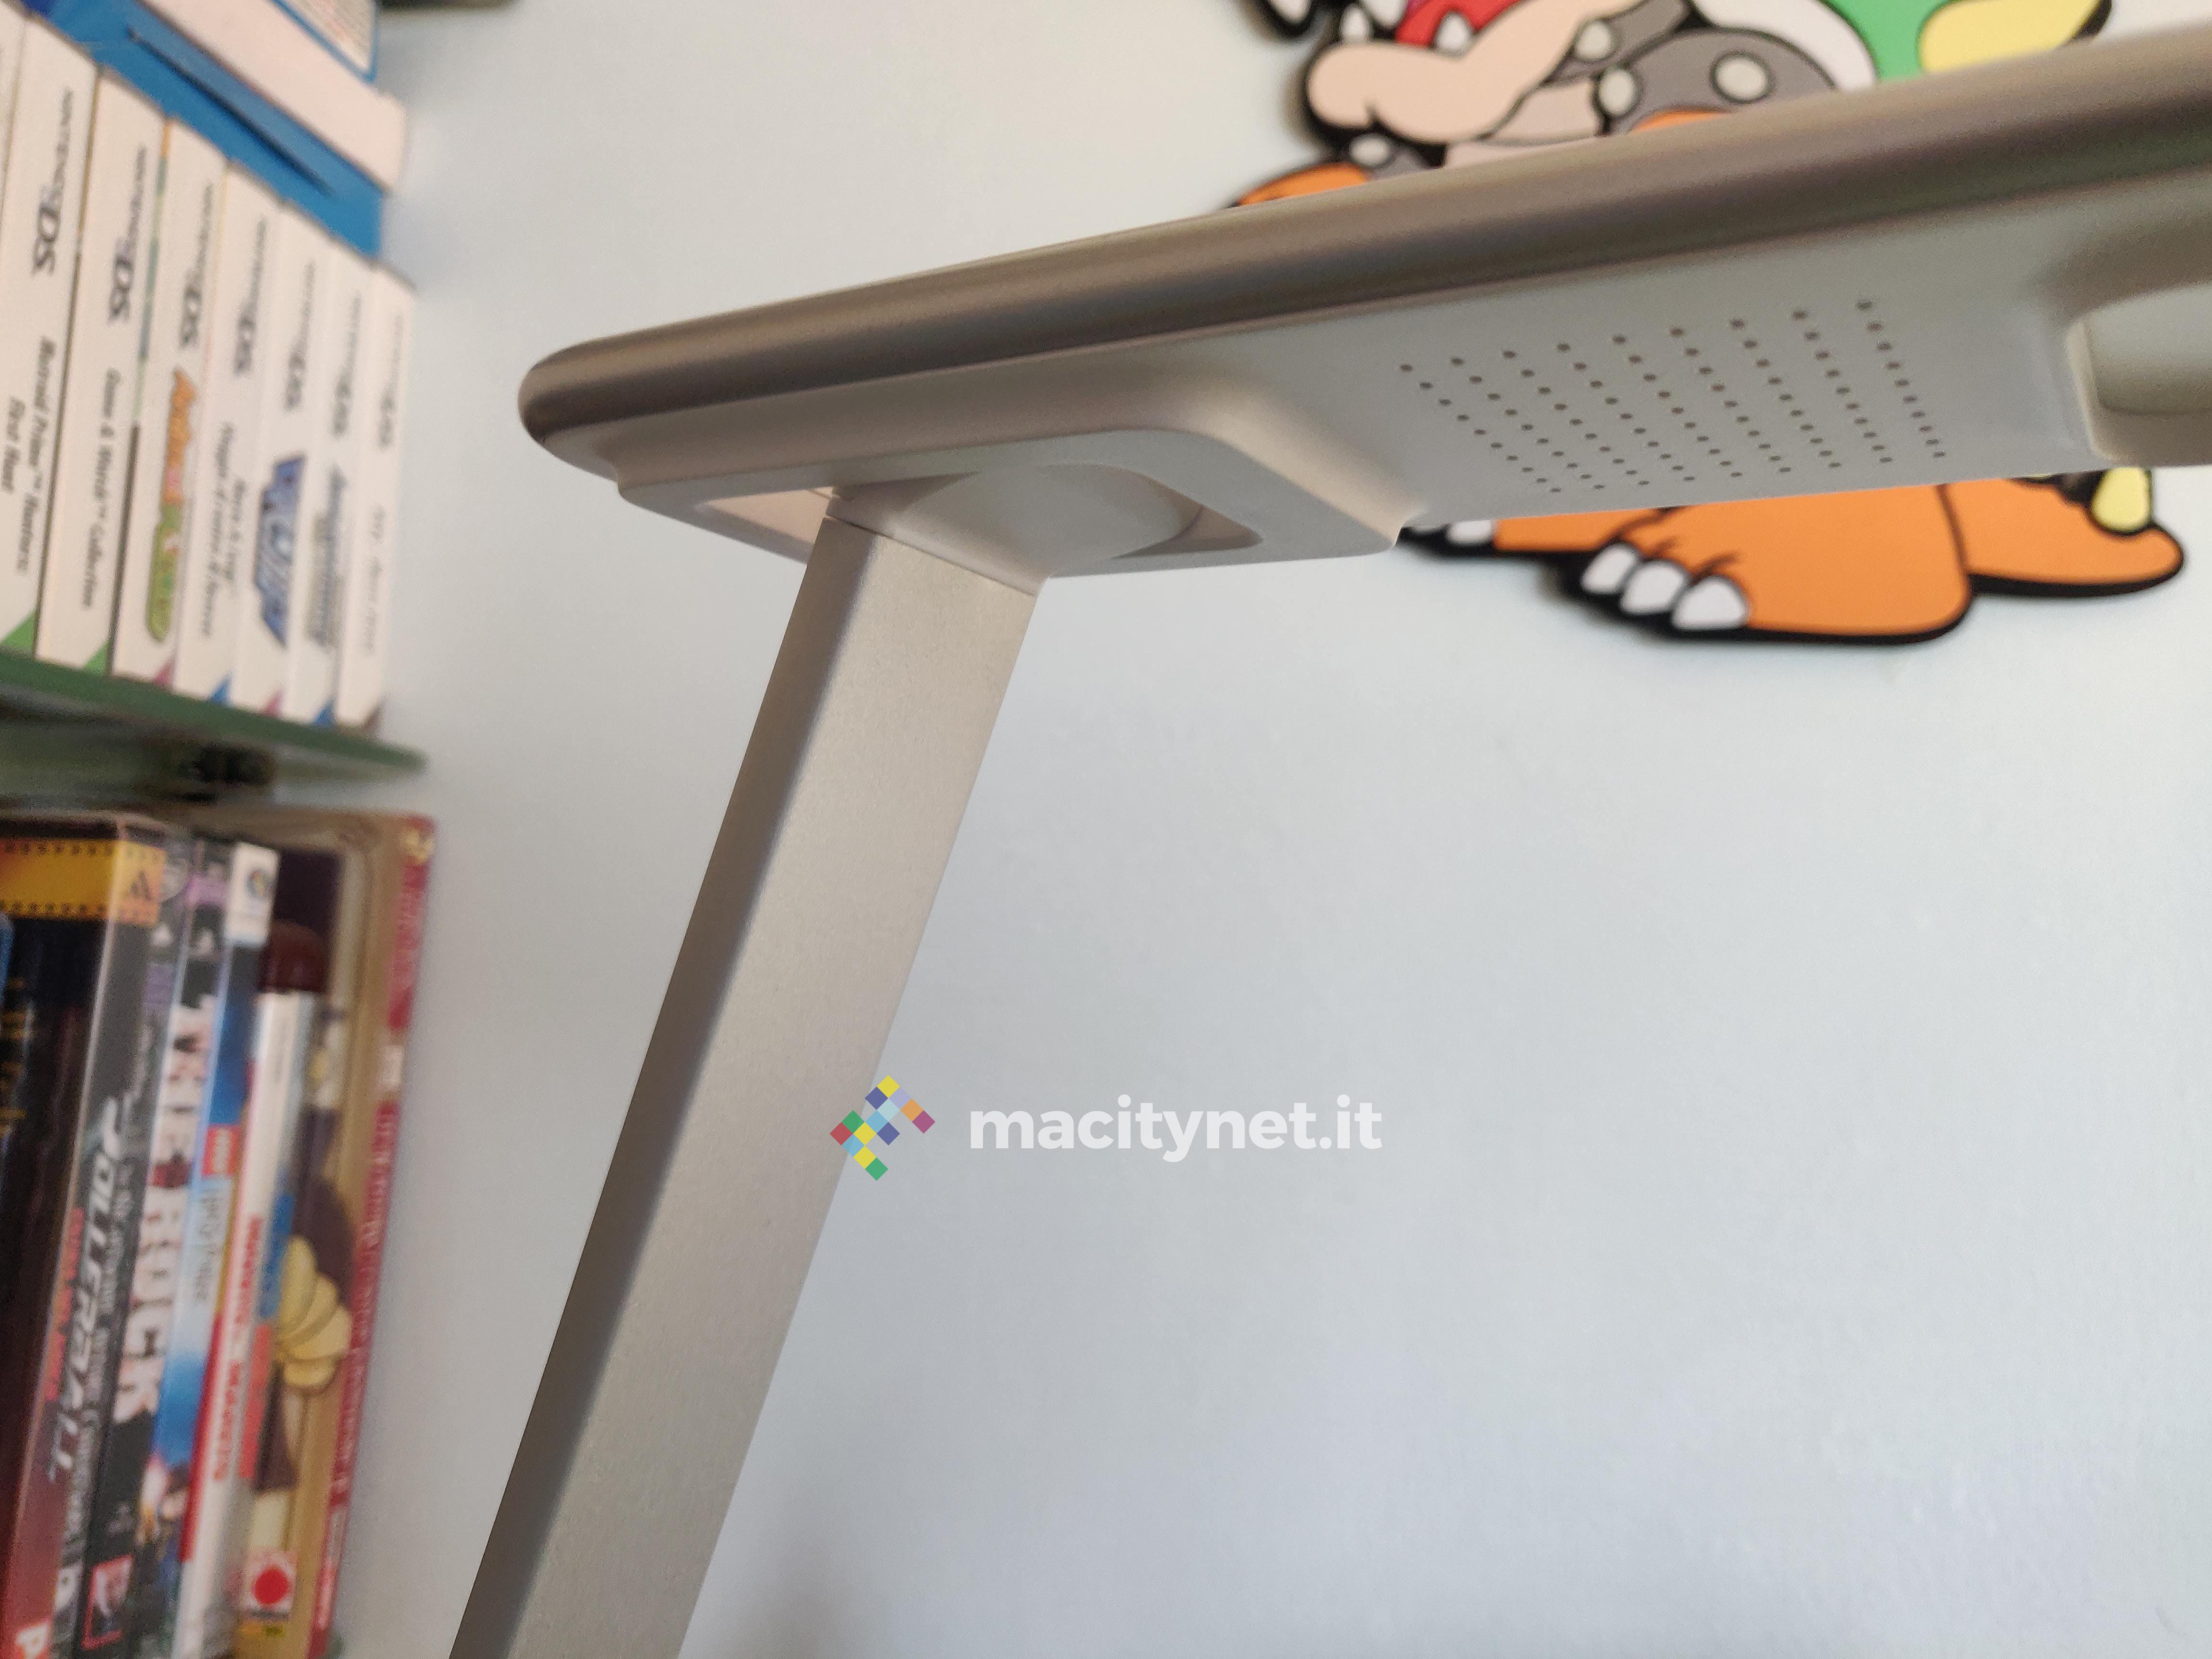 Recensione lampada Aukey dimmerabile da scrivania, economica e con tasti soft touch